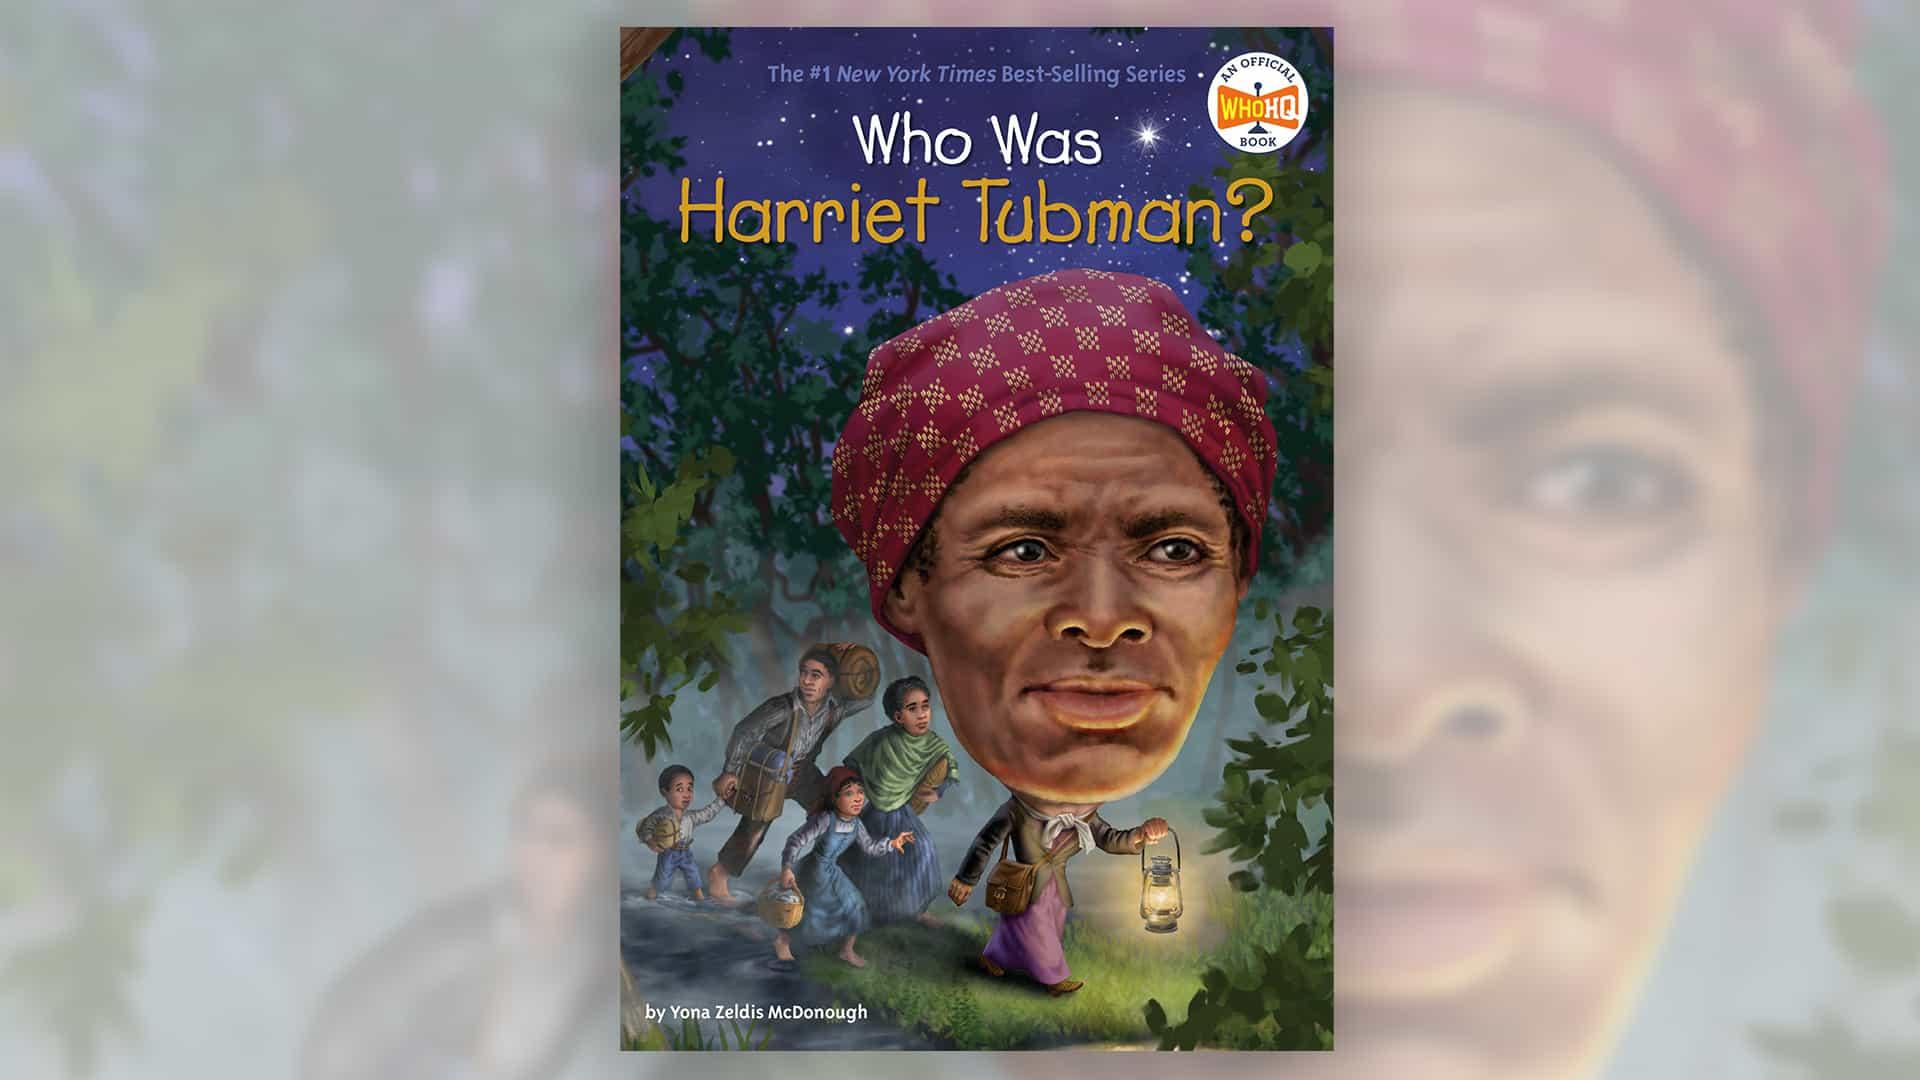 ¿Es esta la portada de libro más espantosa de todos los tiempos?